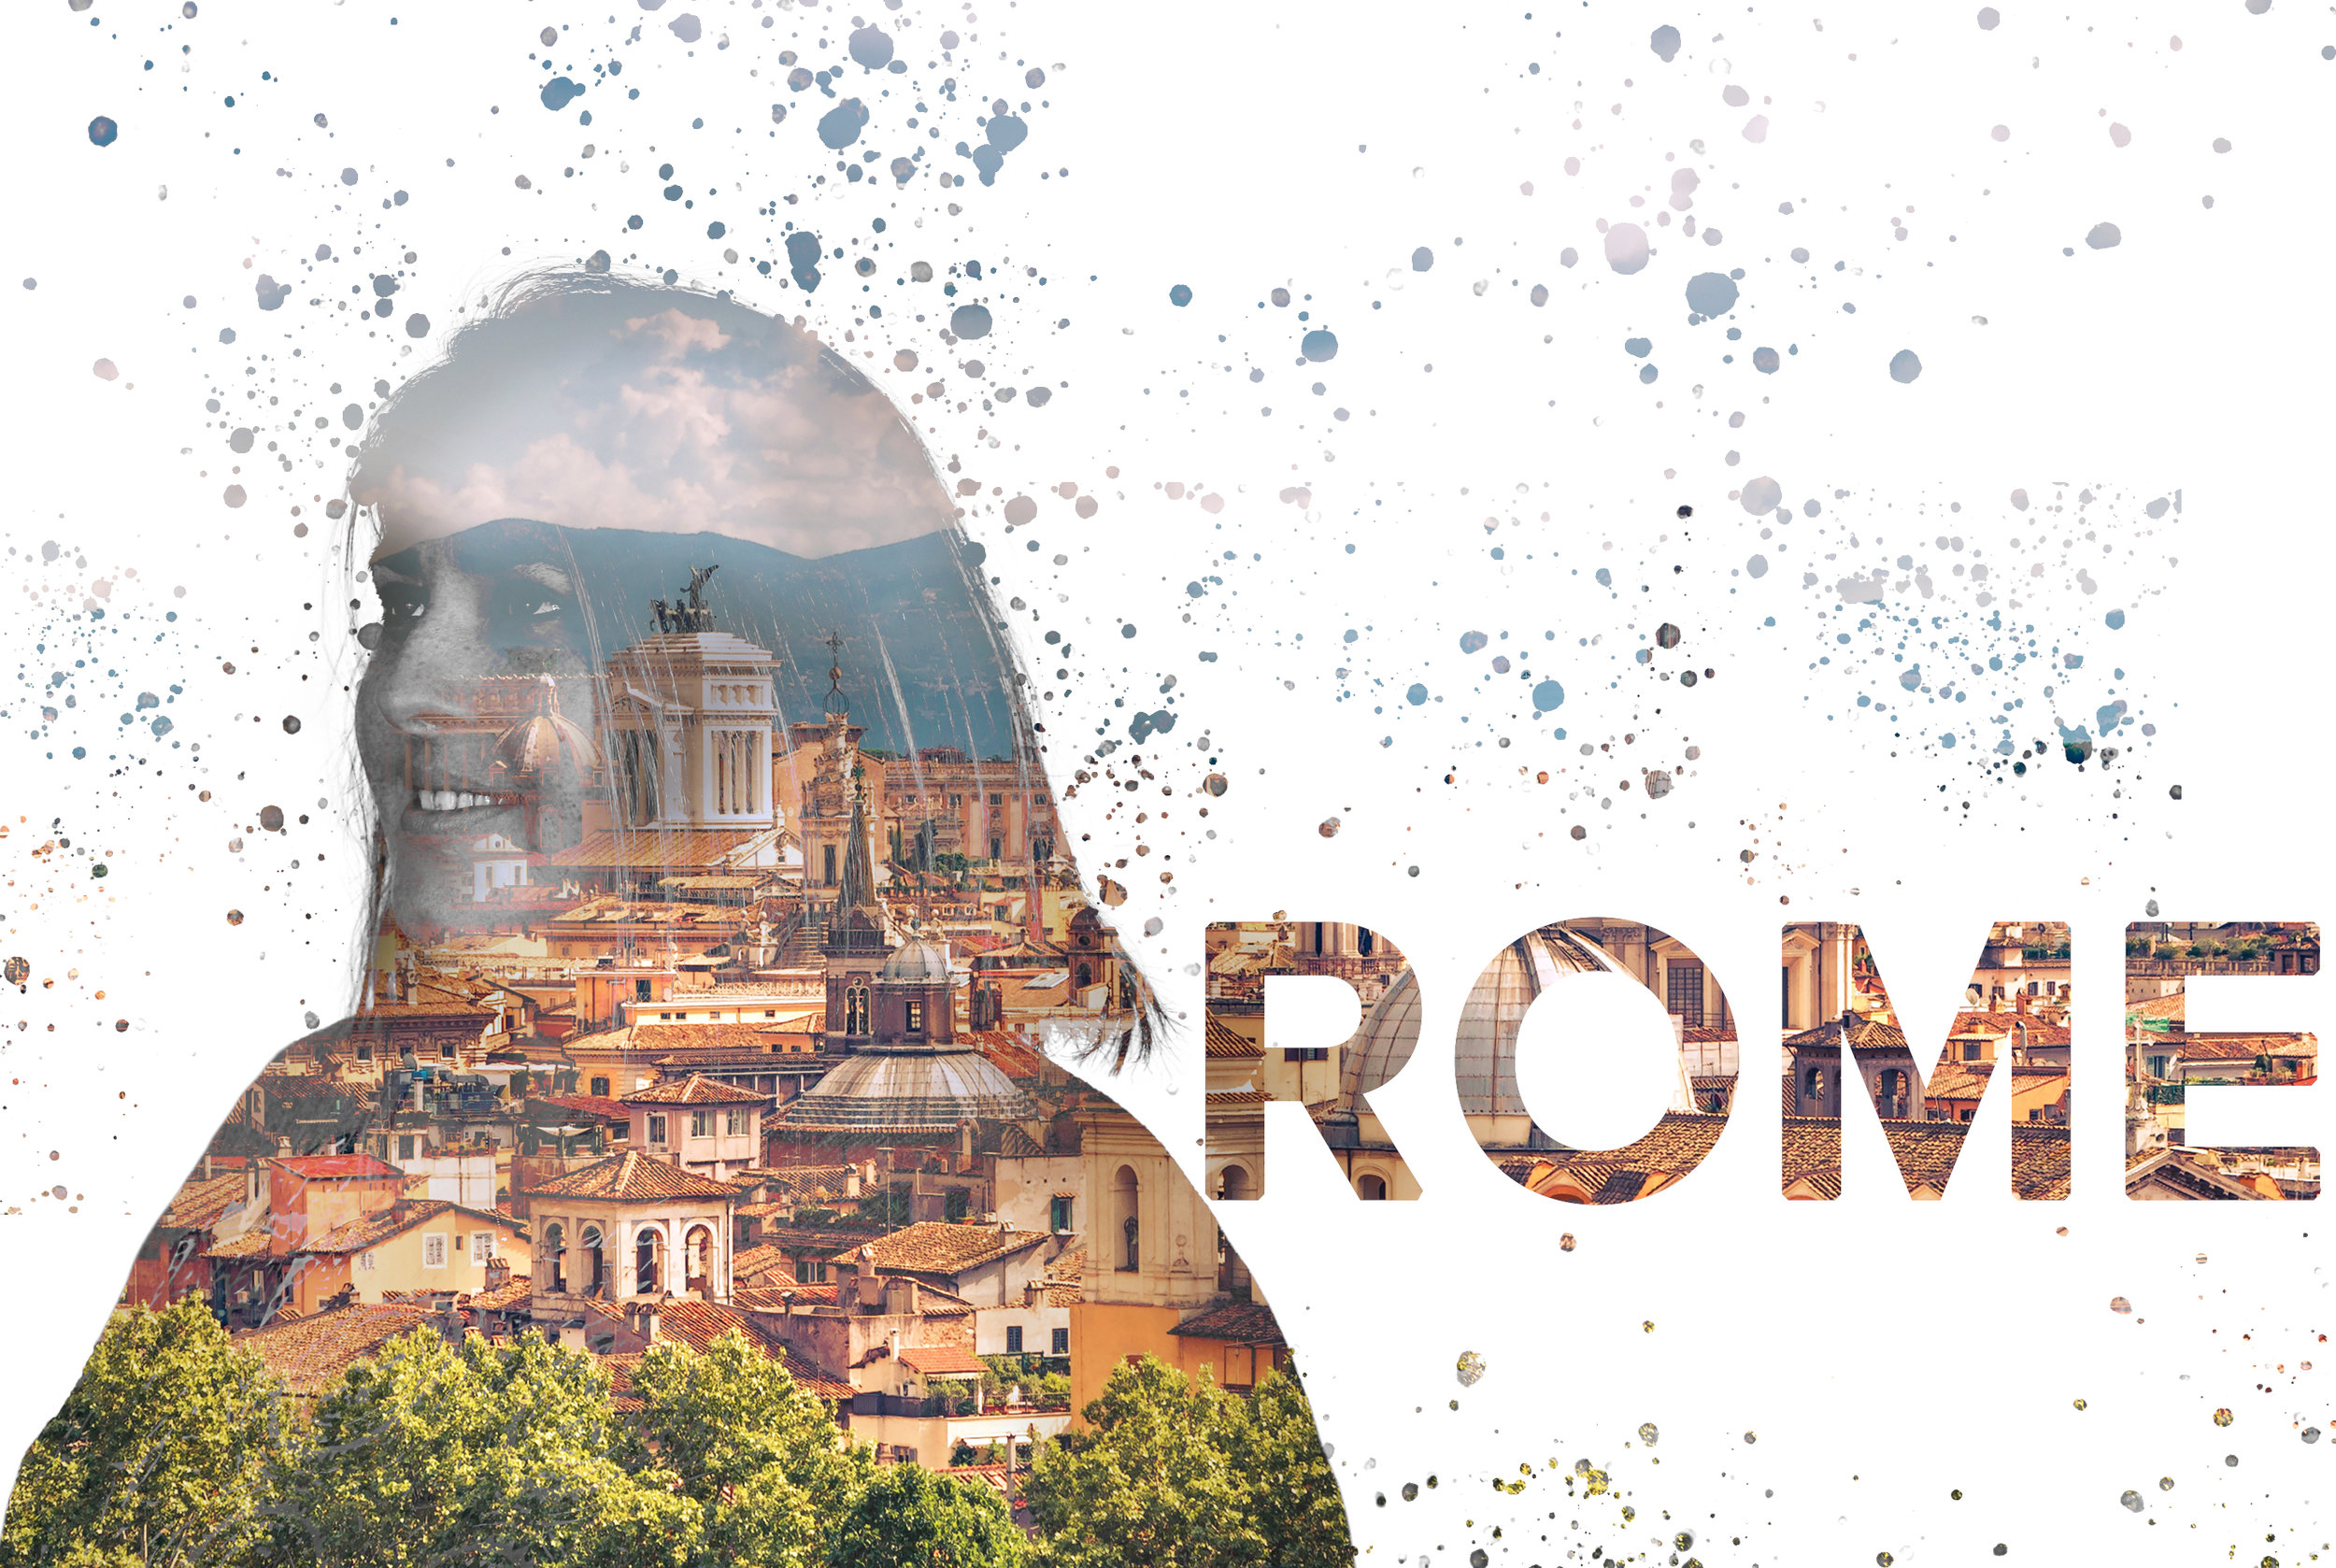 Julia_Rome_9.7222x6.5278_Blog.jpg